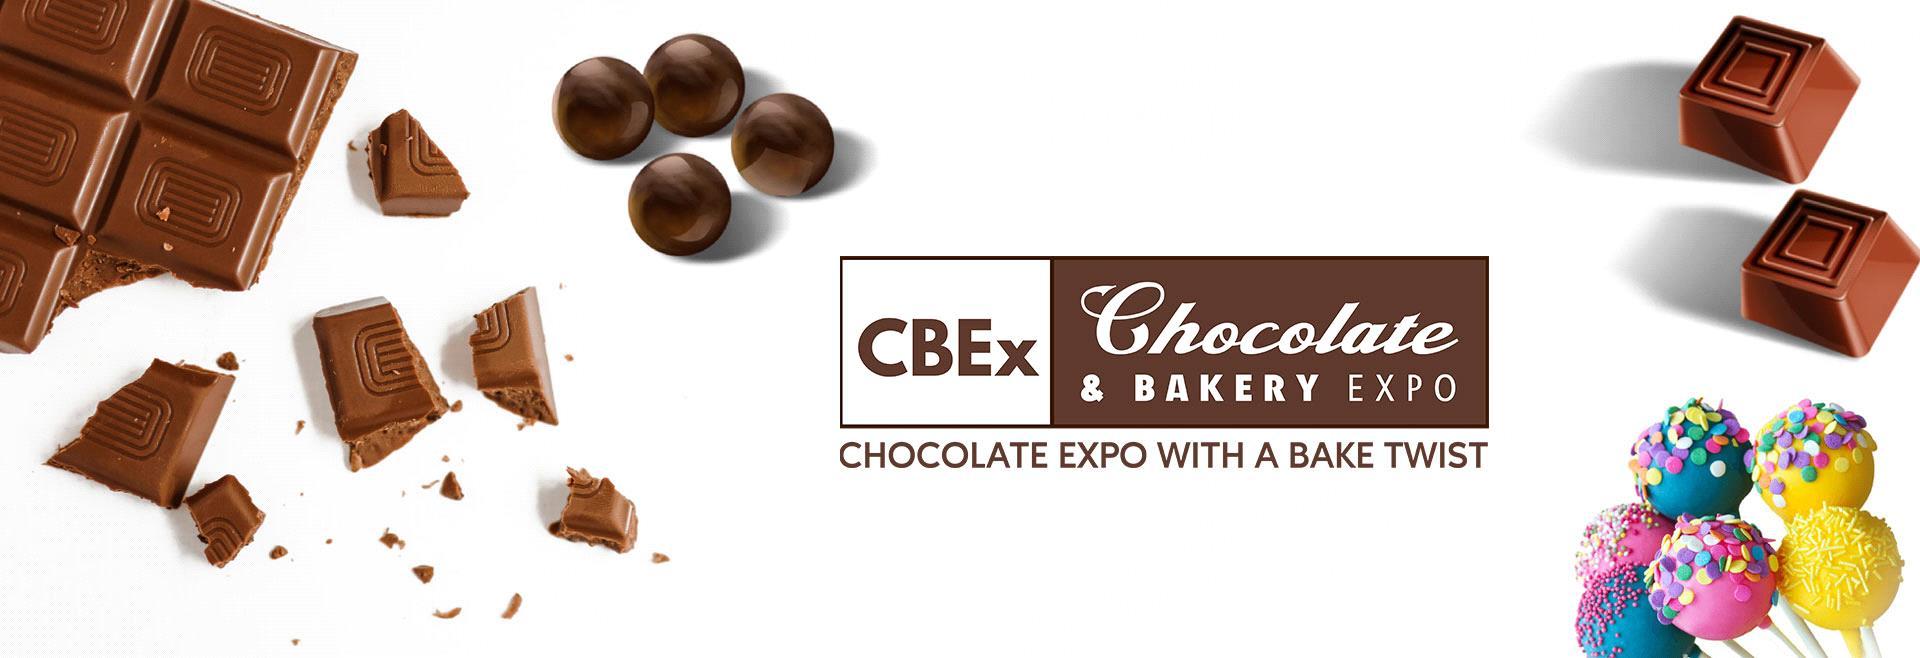 CHOCOLATE & BAKERY EXPO (CBEx)